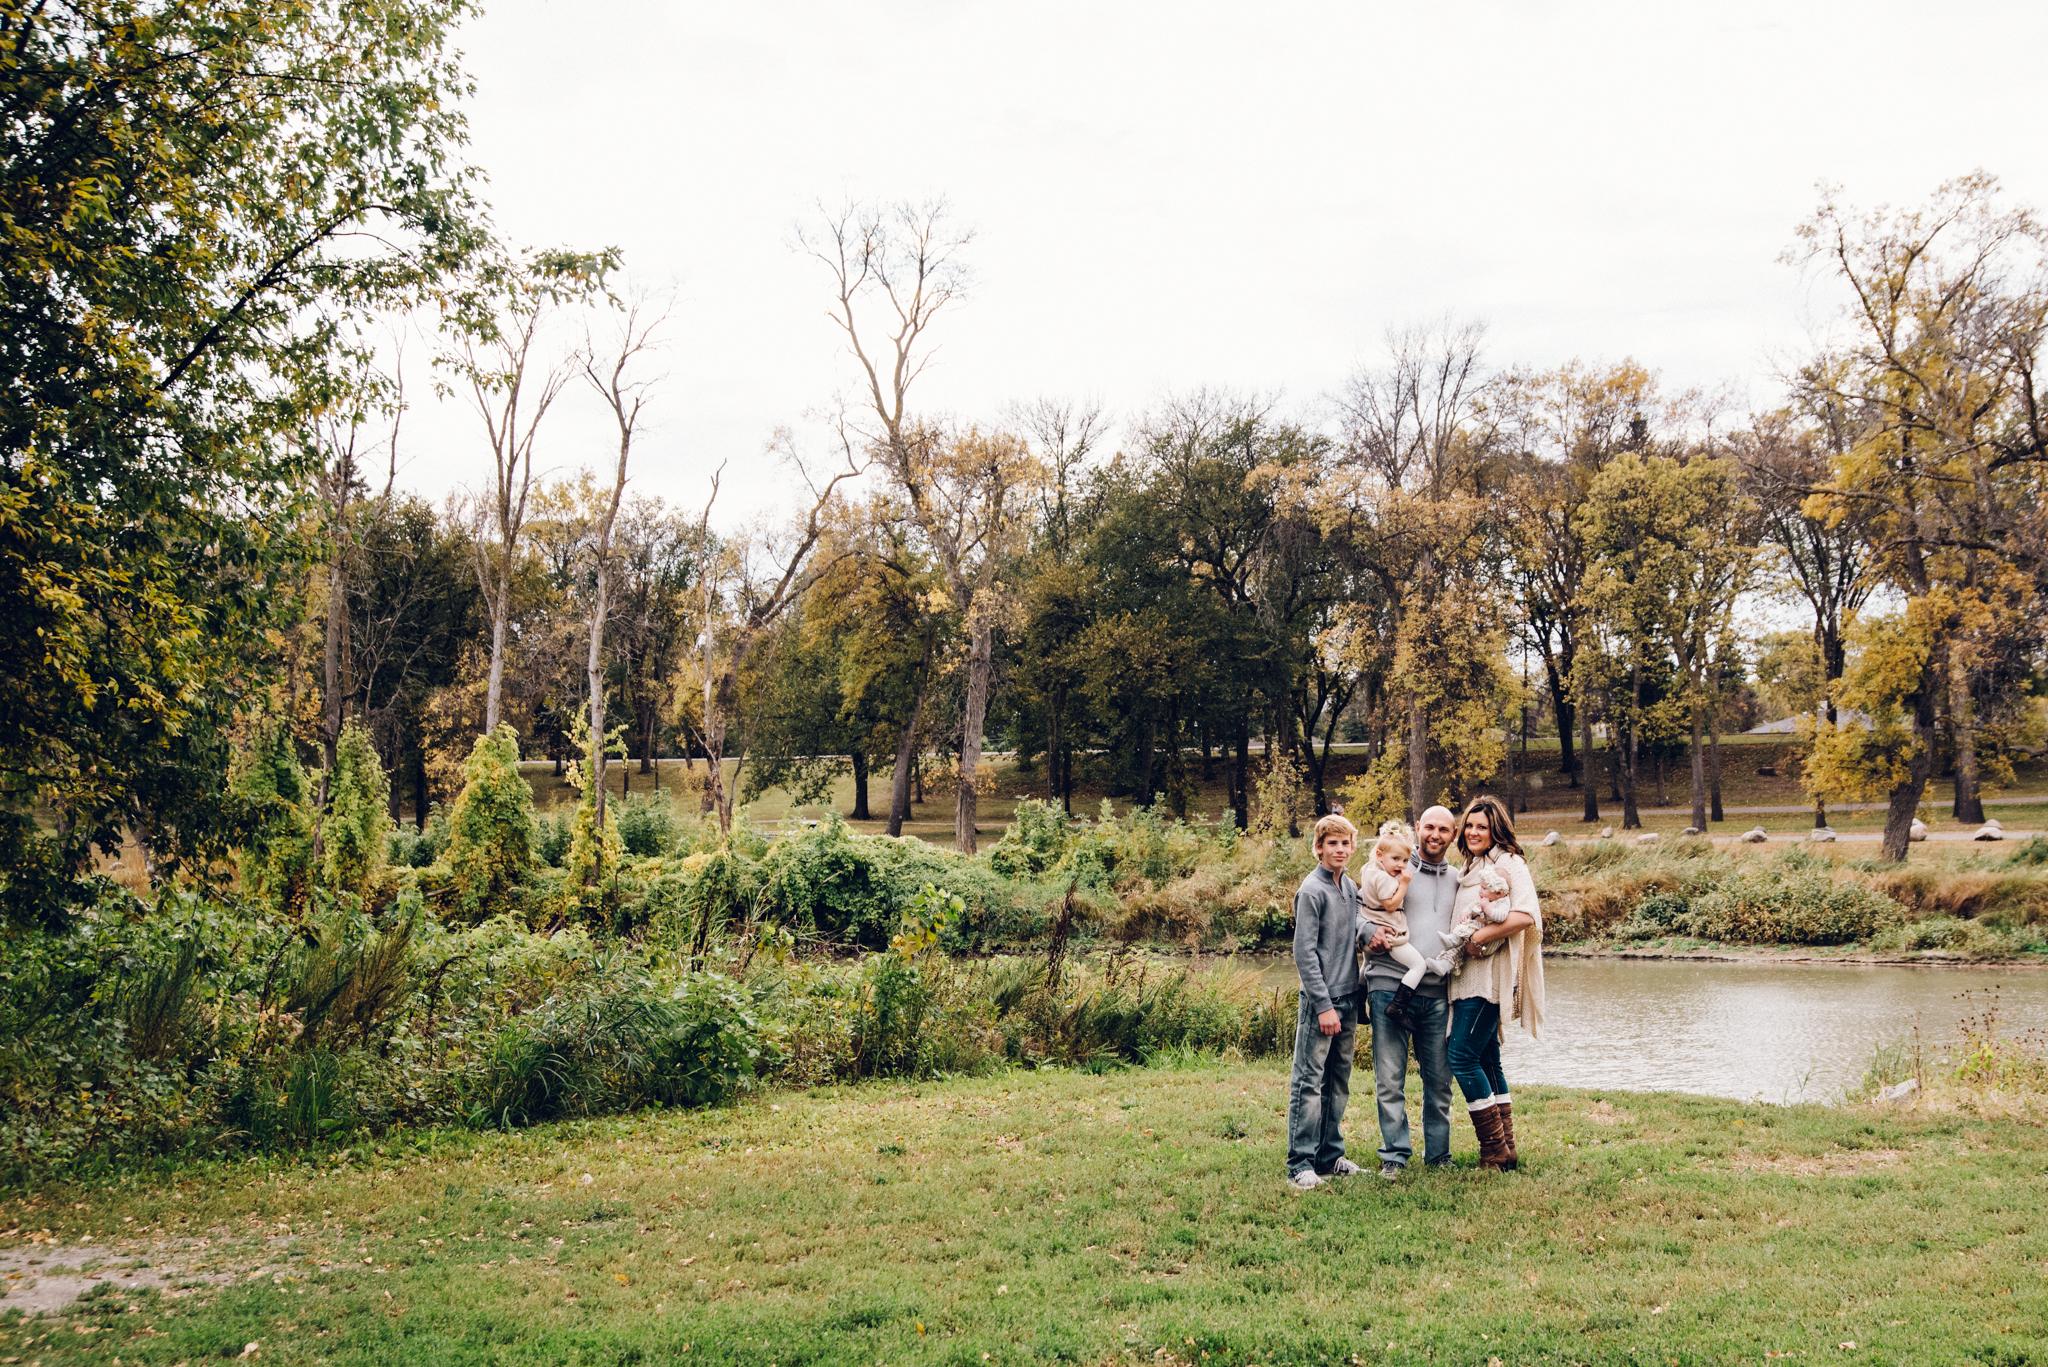 Childrens_Family_Photographer_Fargo_Moorhead-5227.jpg